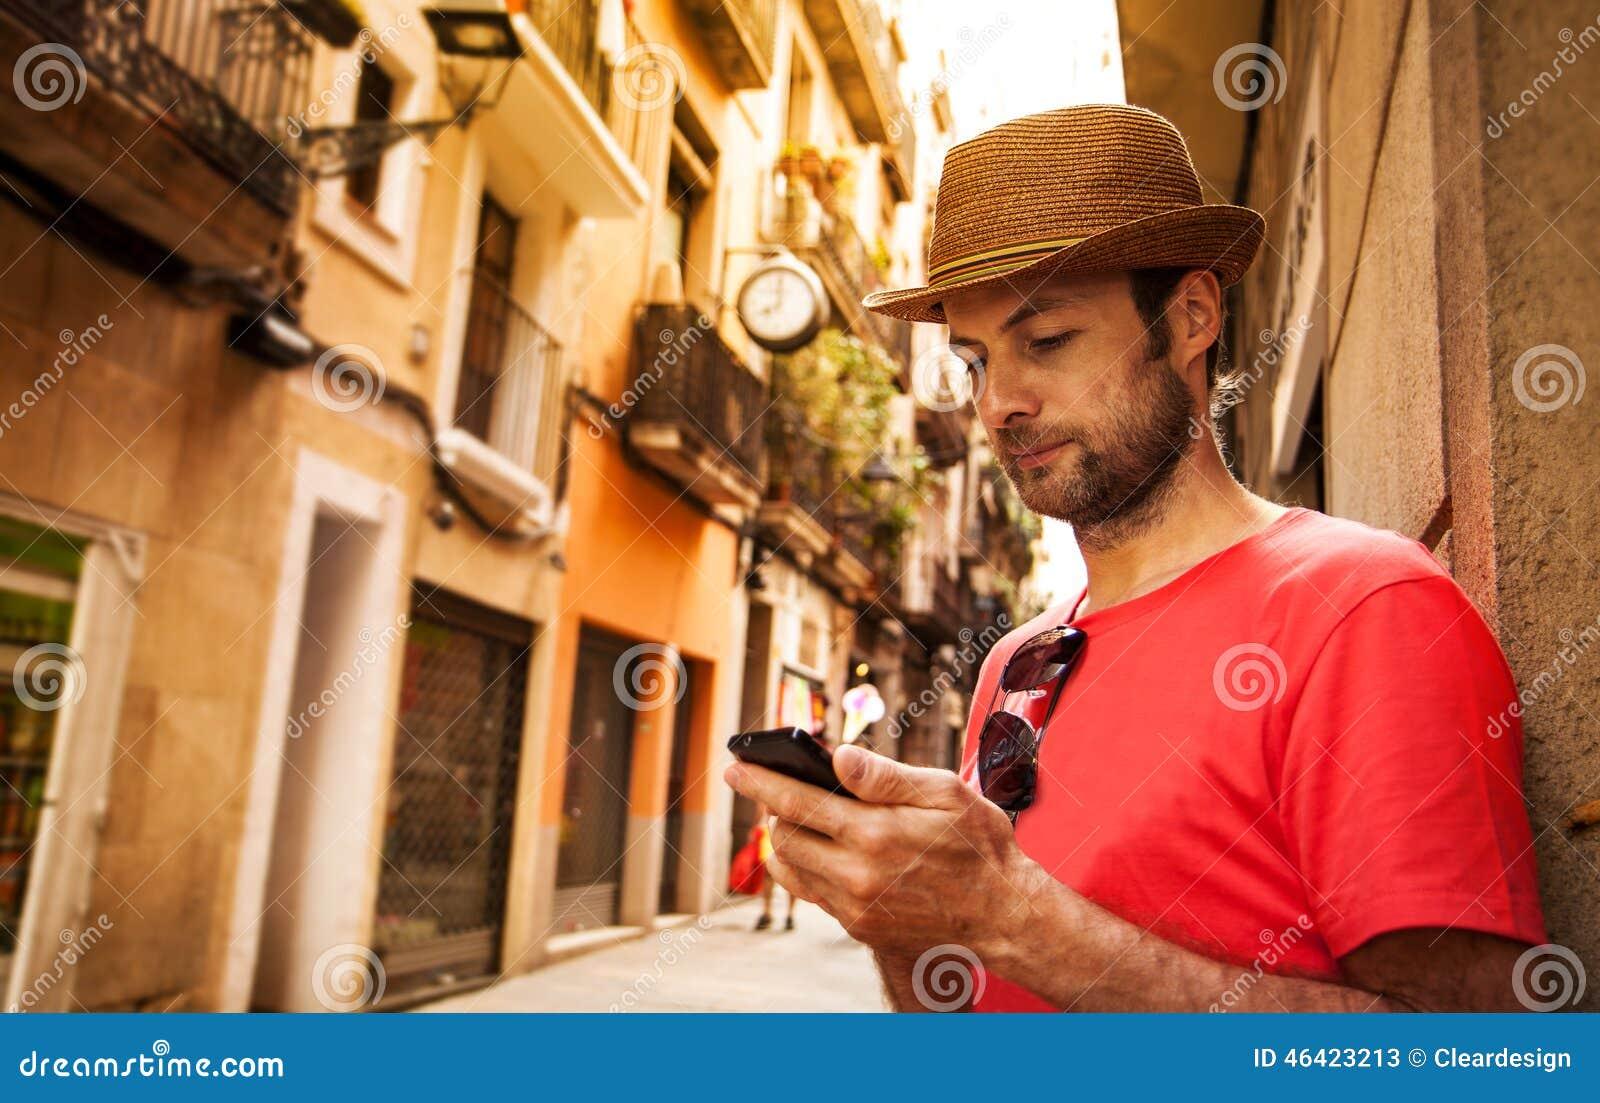 Turystyczny mężczyzna patrzeje telefon komórkowego - wakacje letni